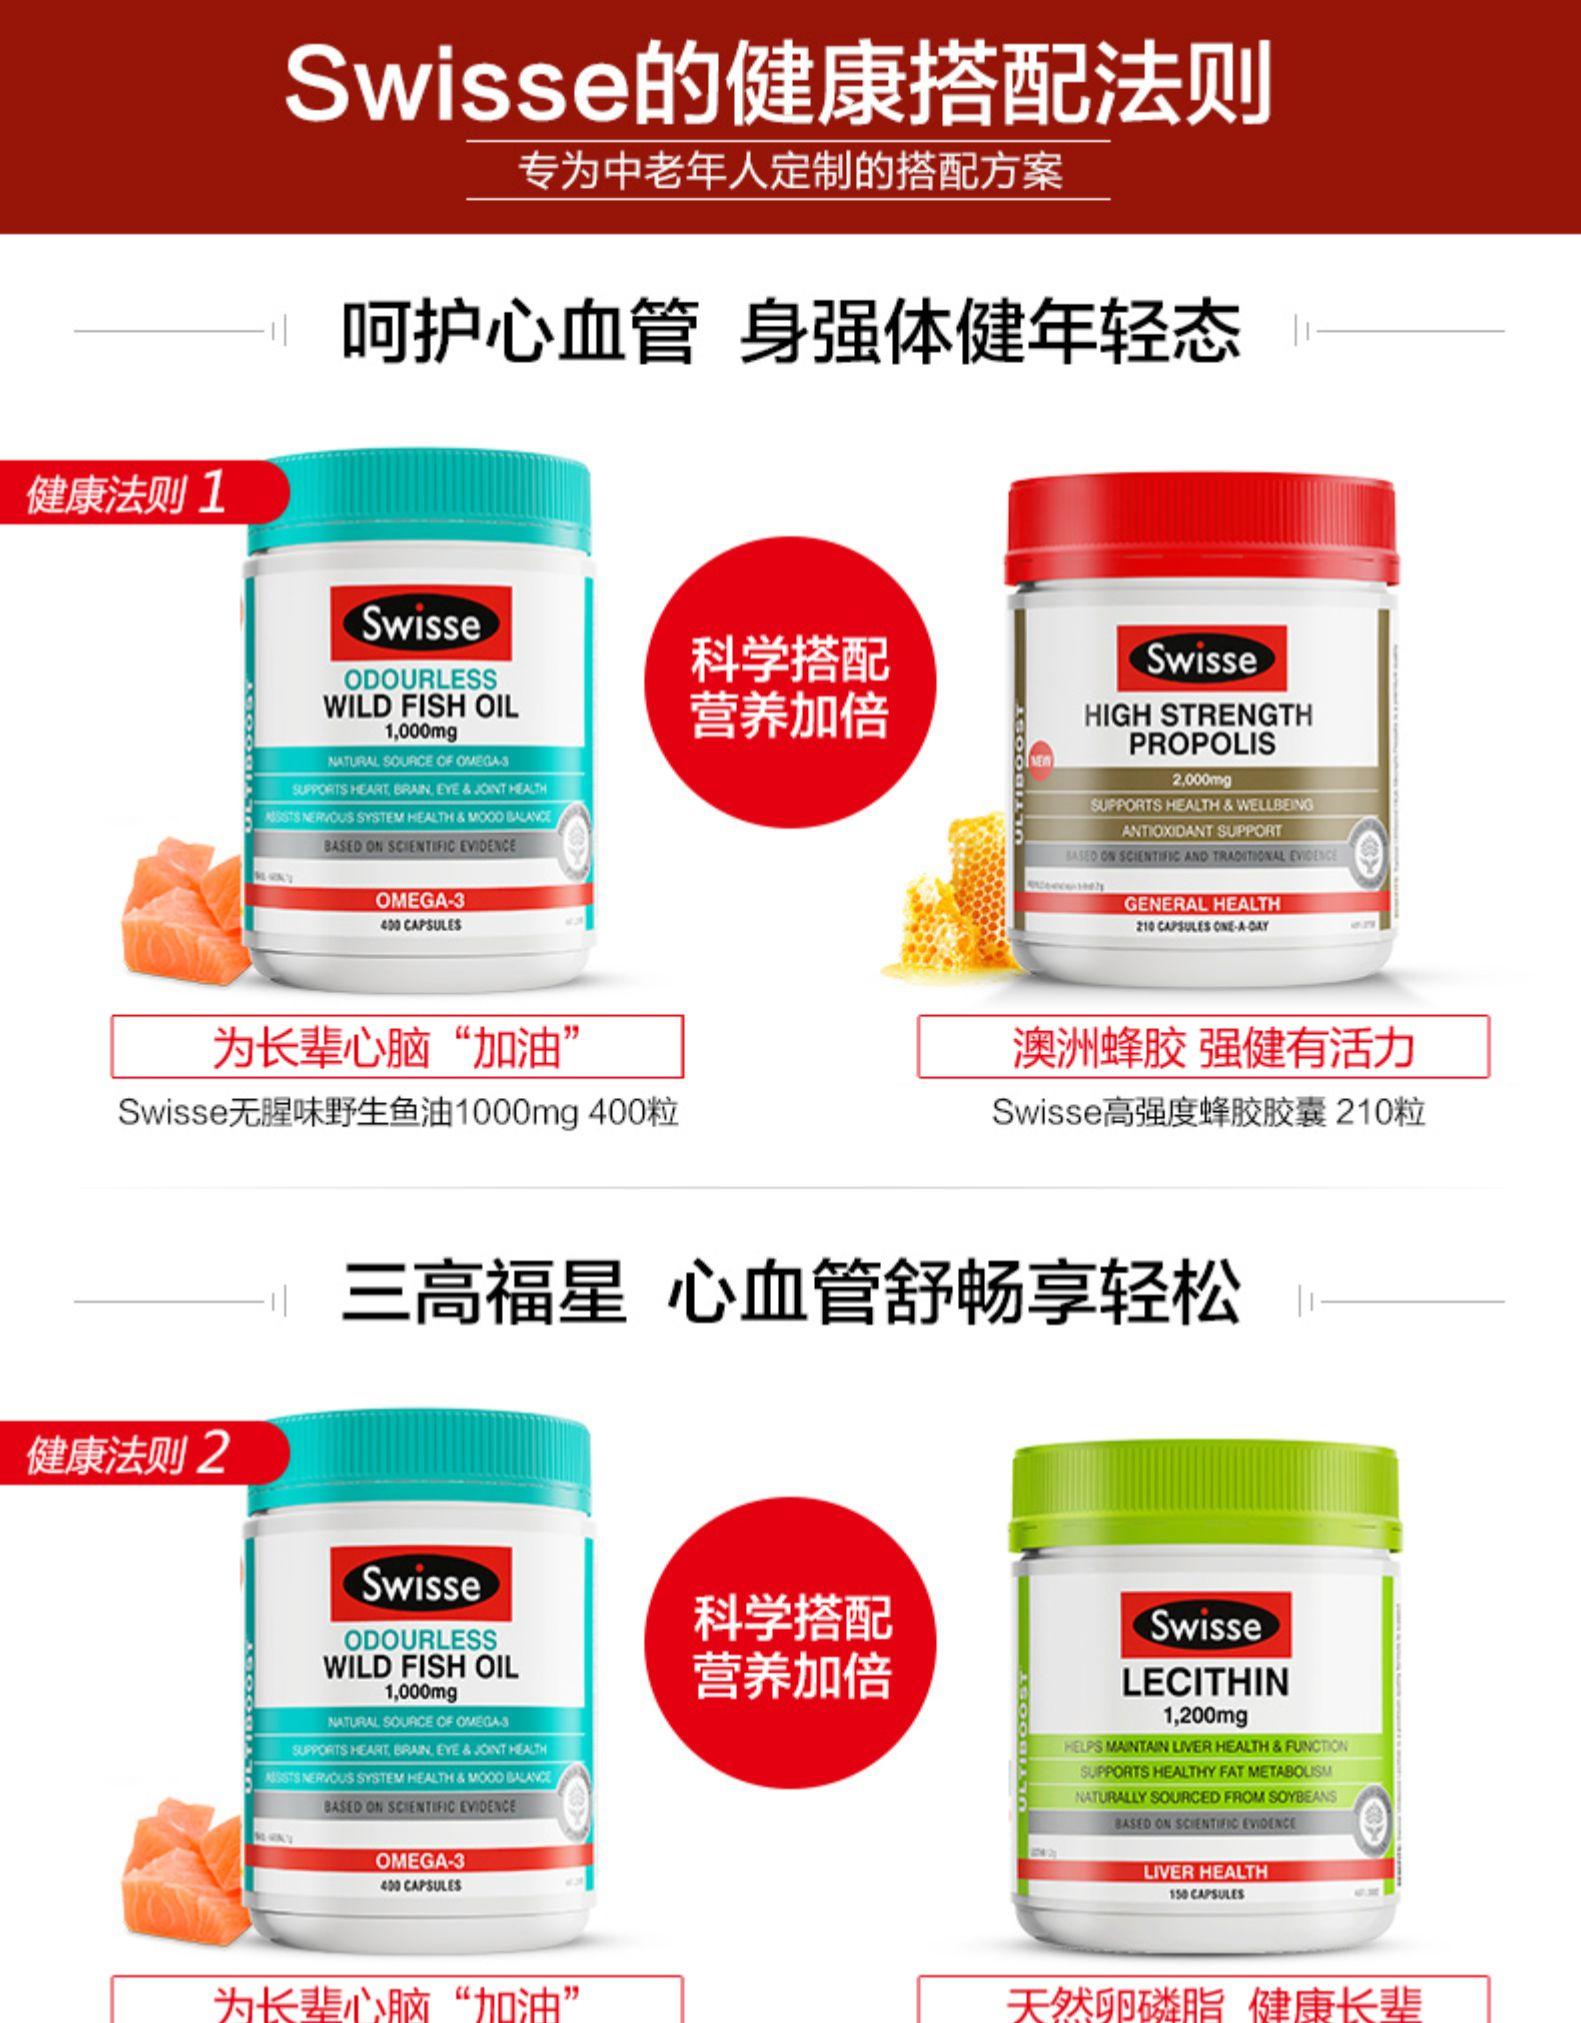 swisse鱼油胶囊 澳洲进口深海鱼油胶囊欧米伽3中老年保健品1000mg¥189.00 我们的产品 第1张